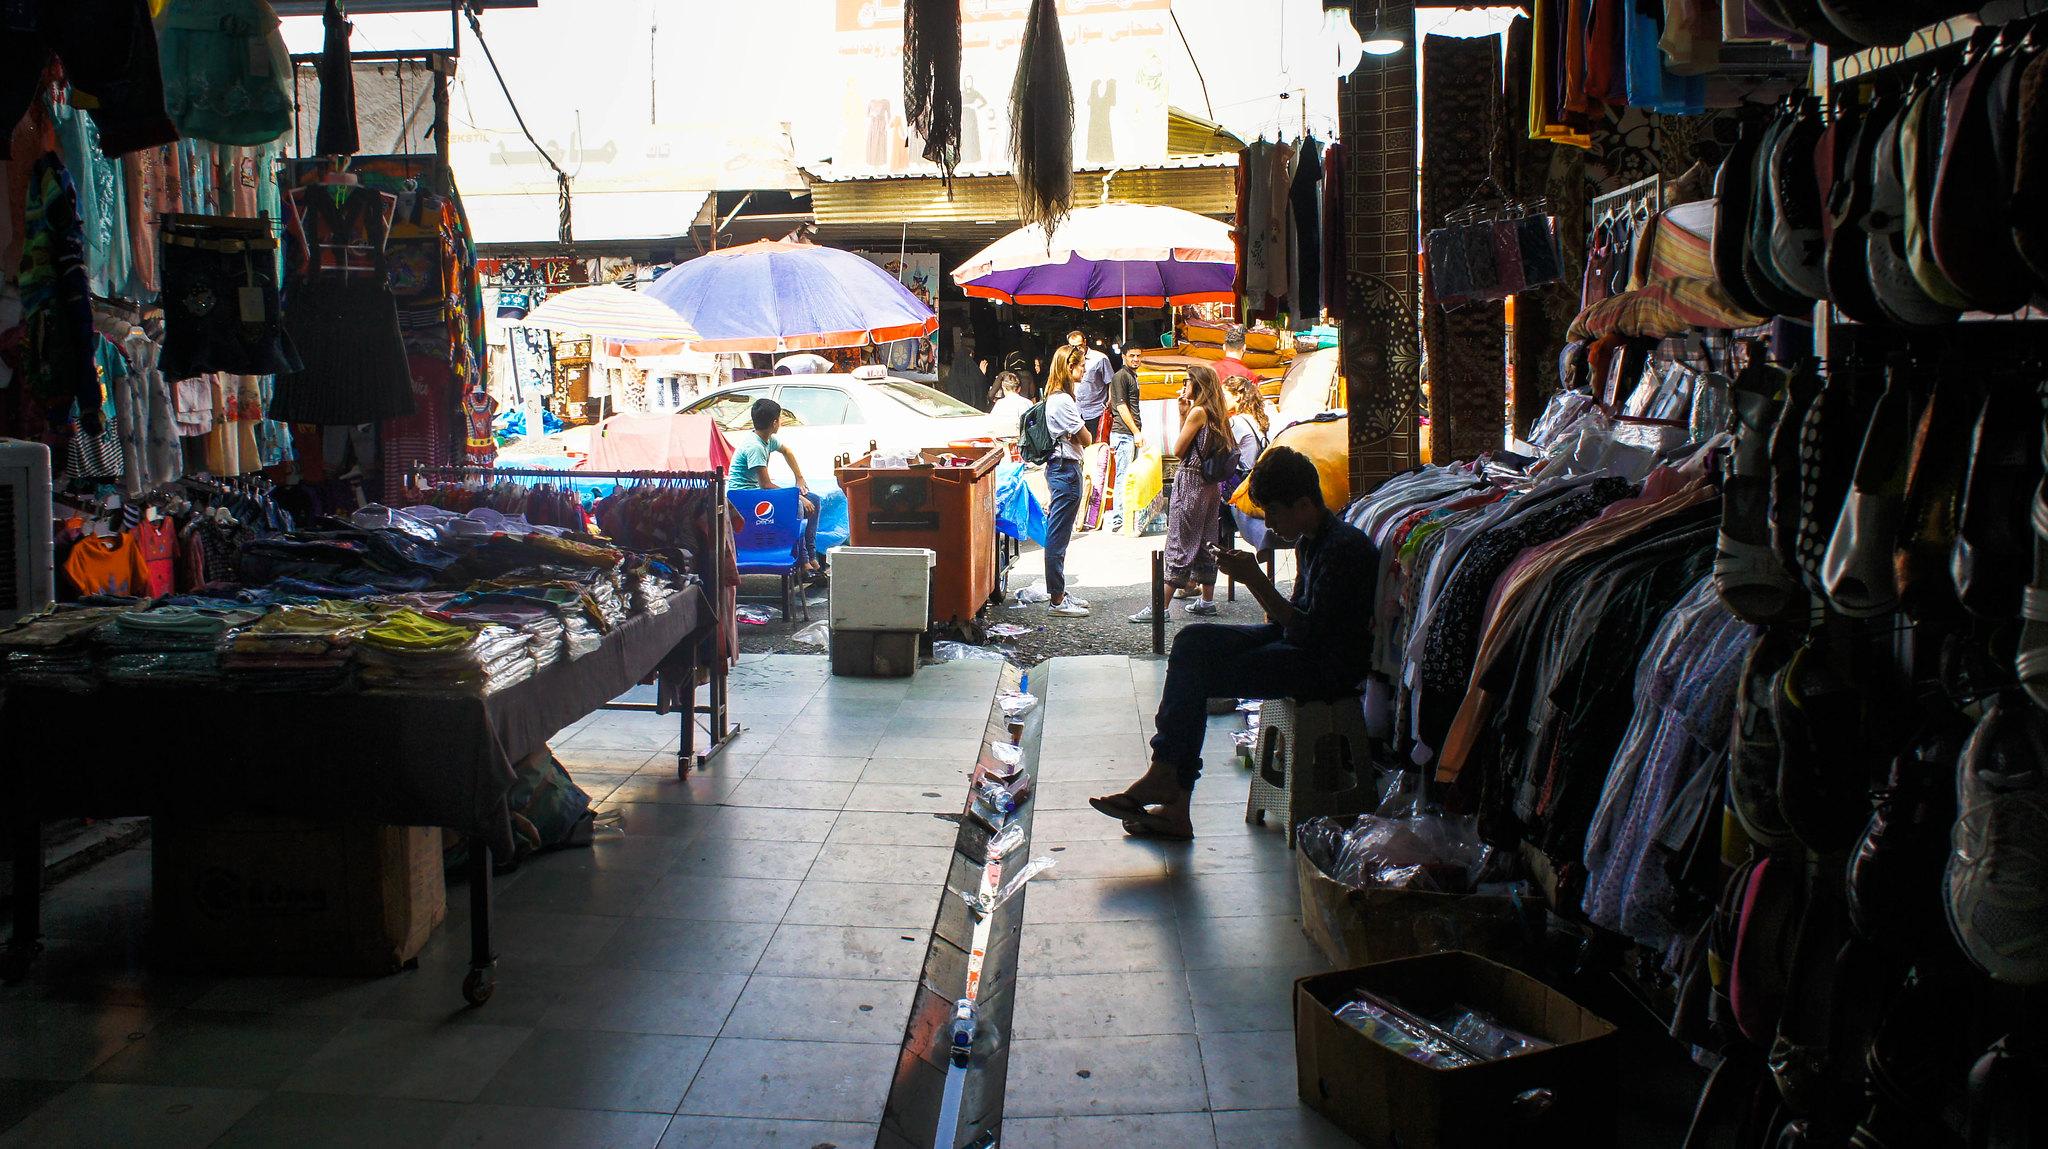 Langa bazaar